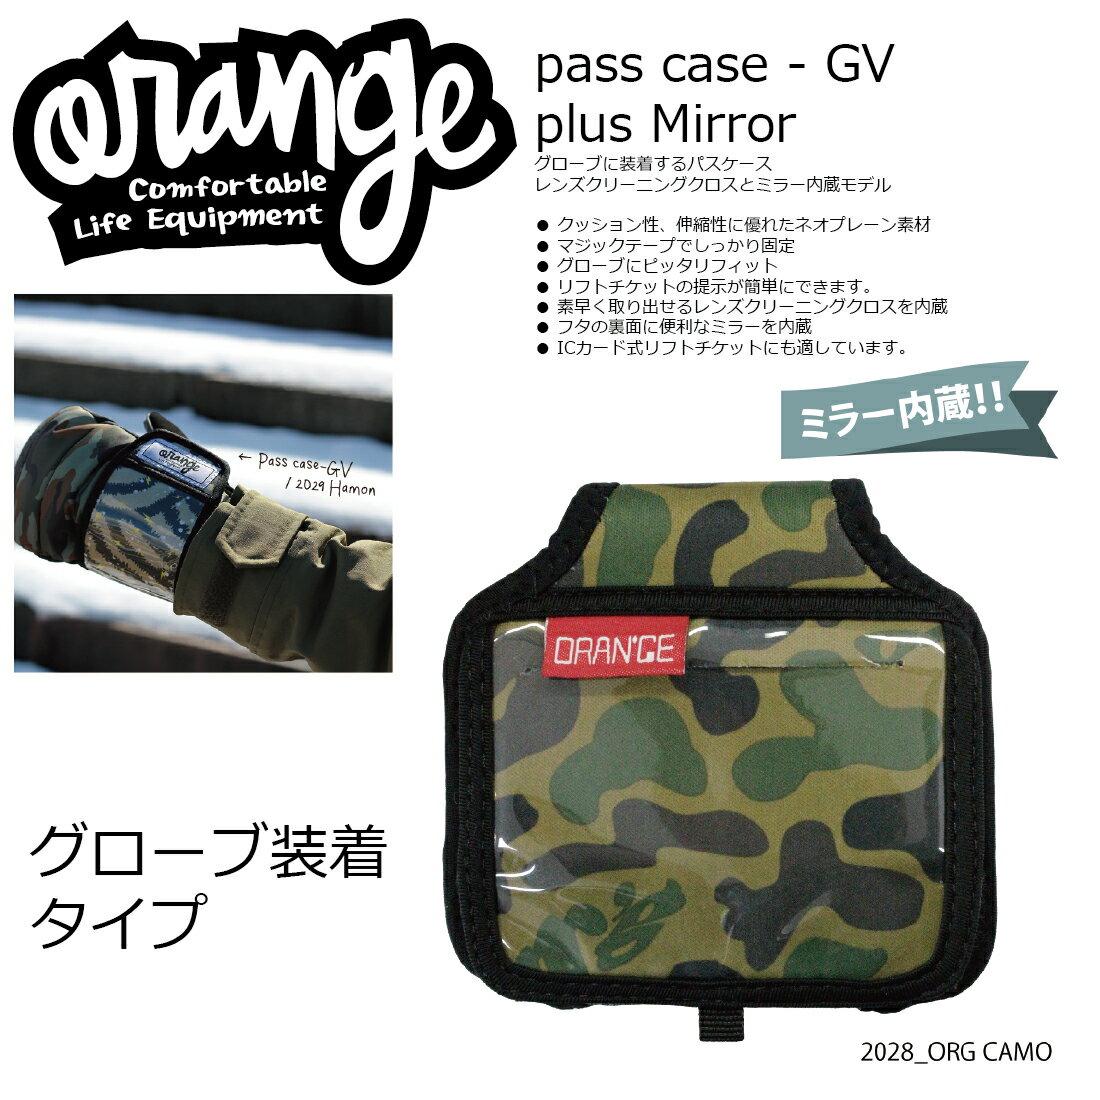 Oran'ge Pass-Case GV PLUS 2028 ORG CAMO オレンジ パスケース ジーワイ プラス グローブ装着タイプ ヨコ 2017 2017-18